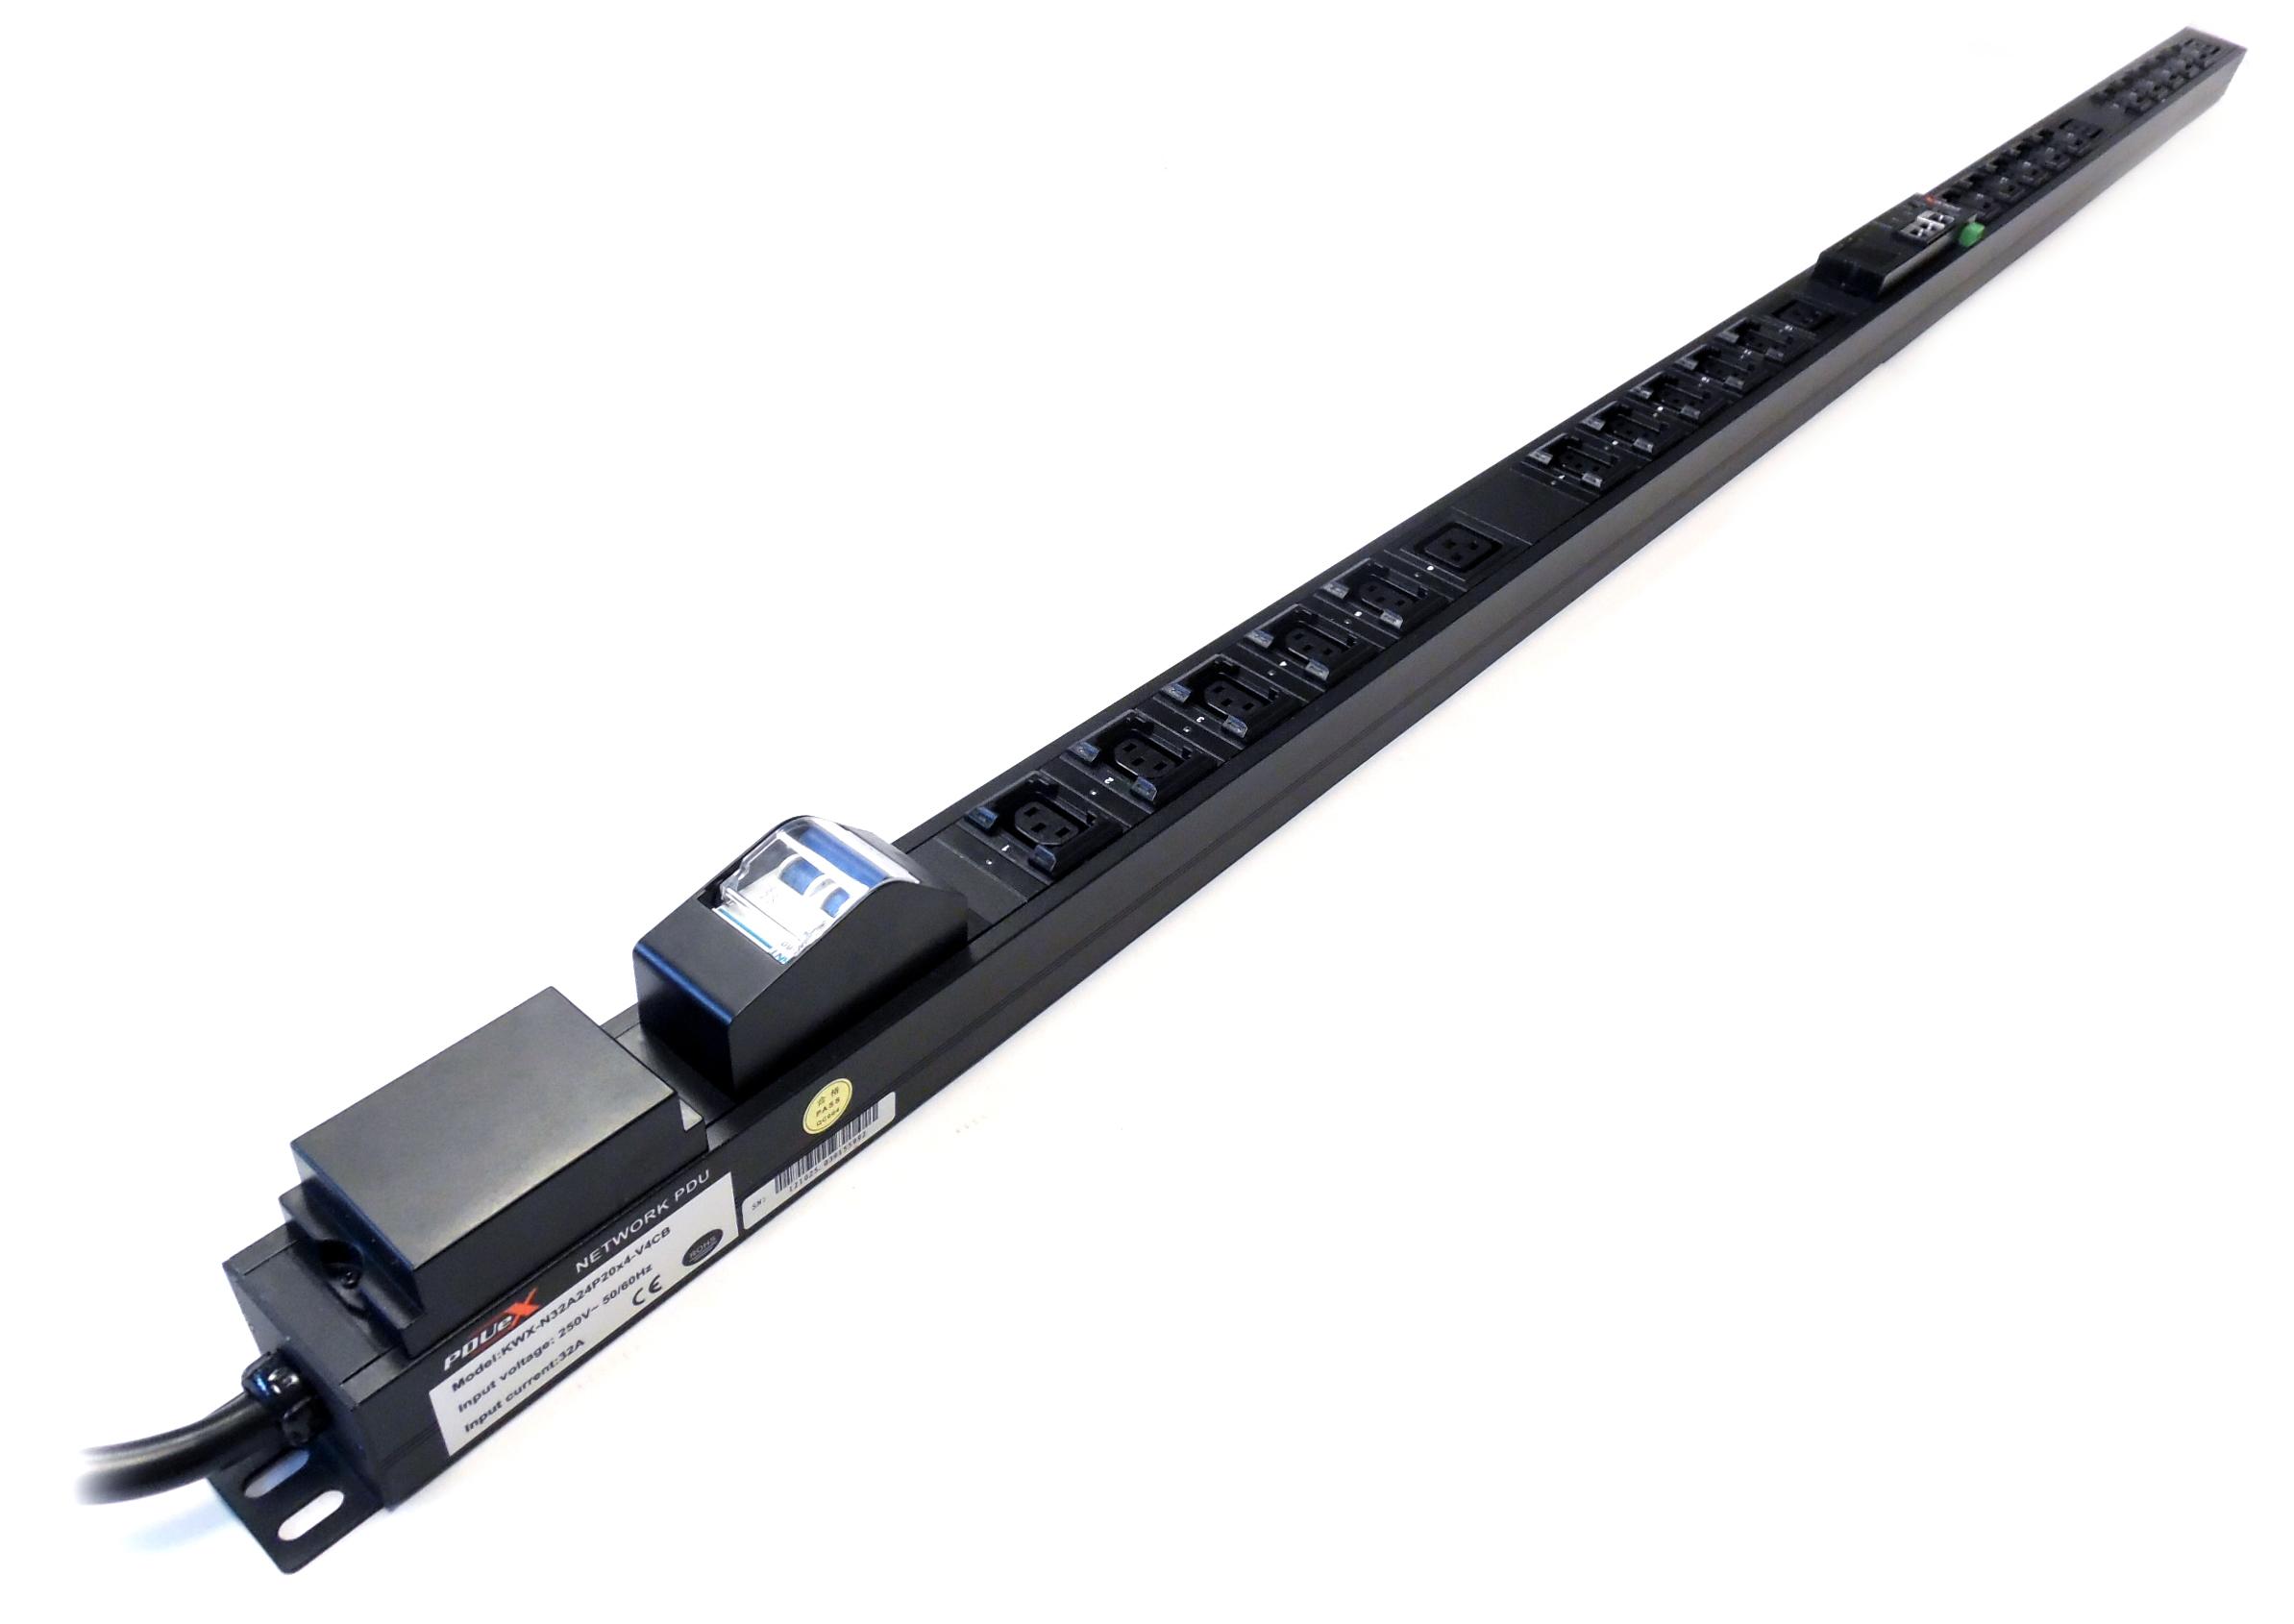 0U Rack Mountable PDU - Per Outlet Metering